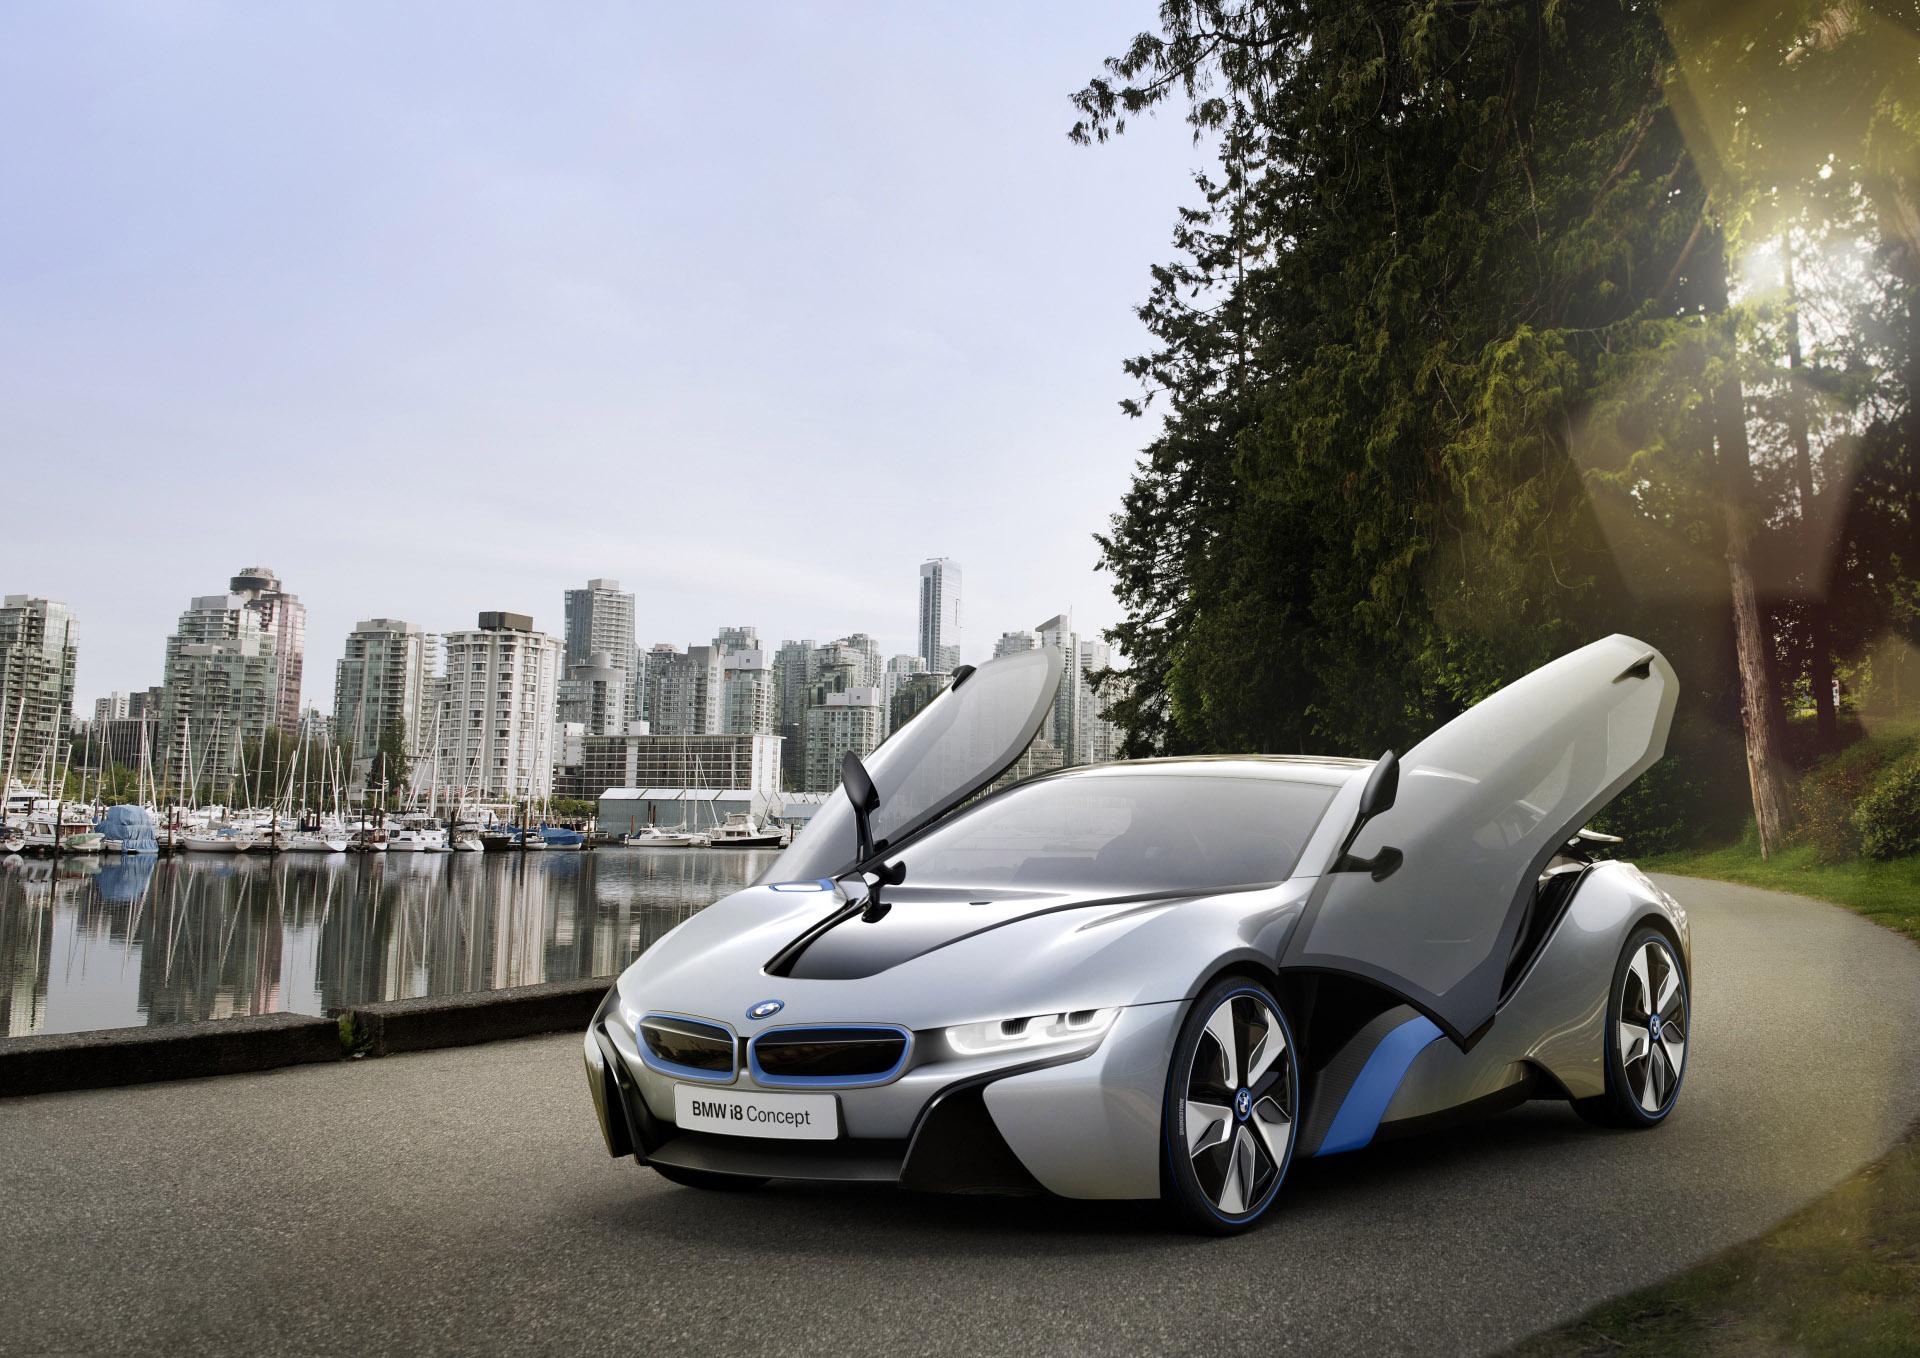 технологии фото авто красивые современные фотографиями